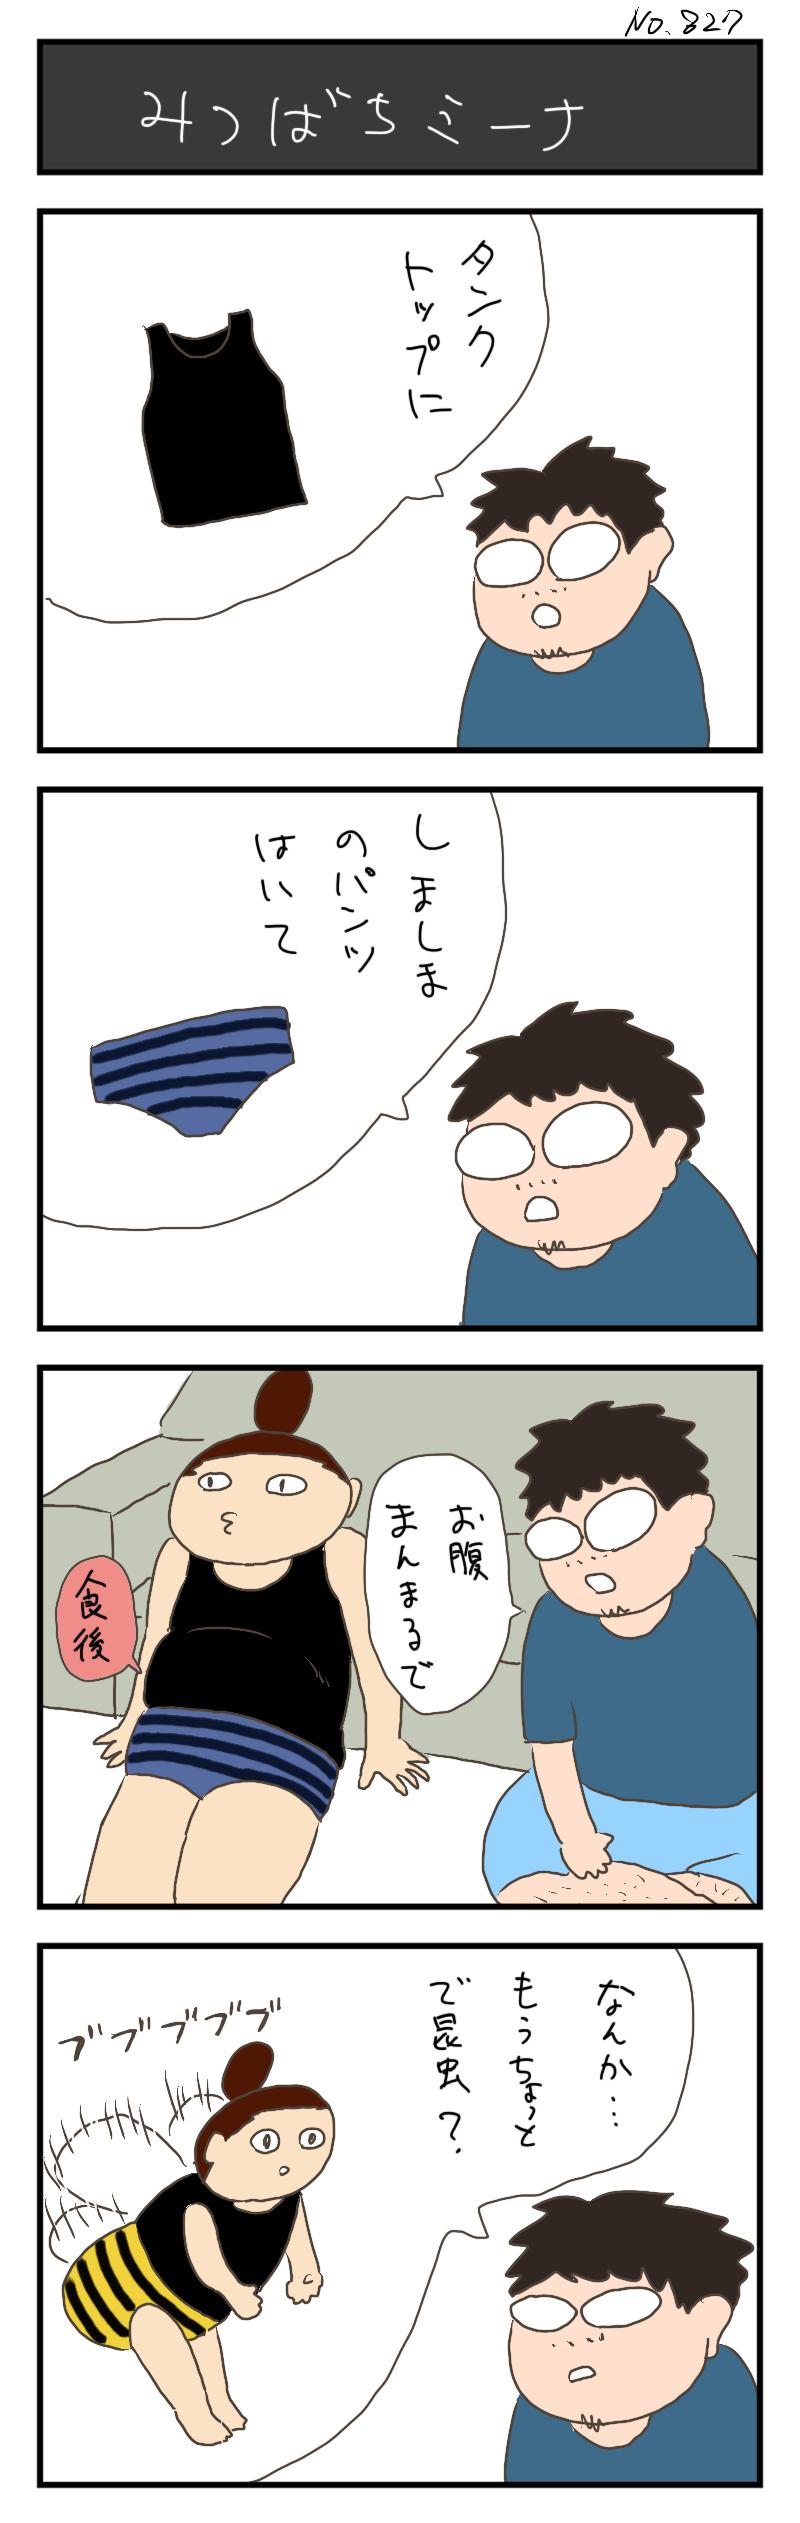 827-みつばちマーヤ